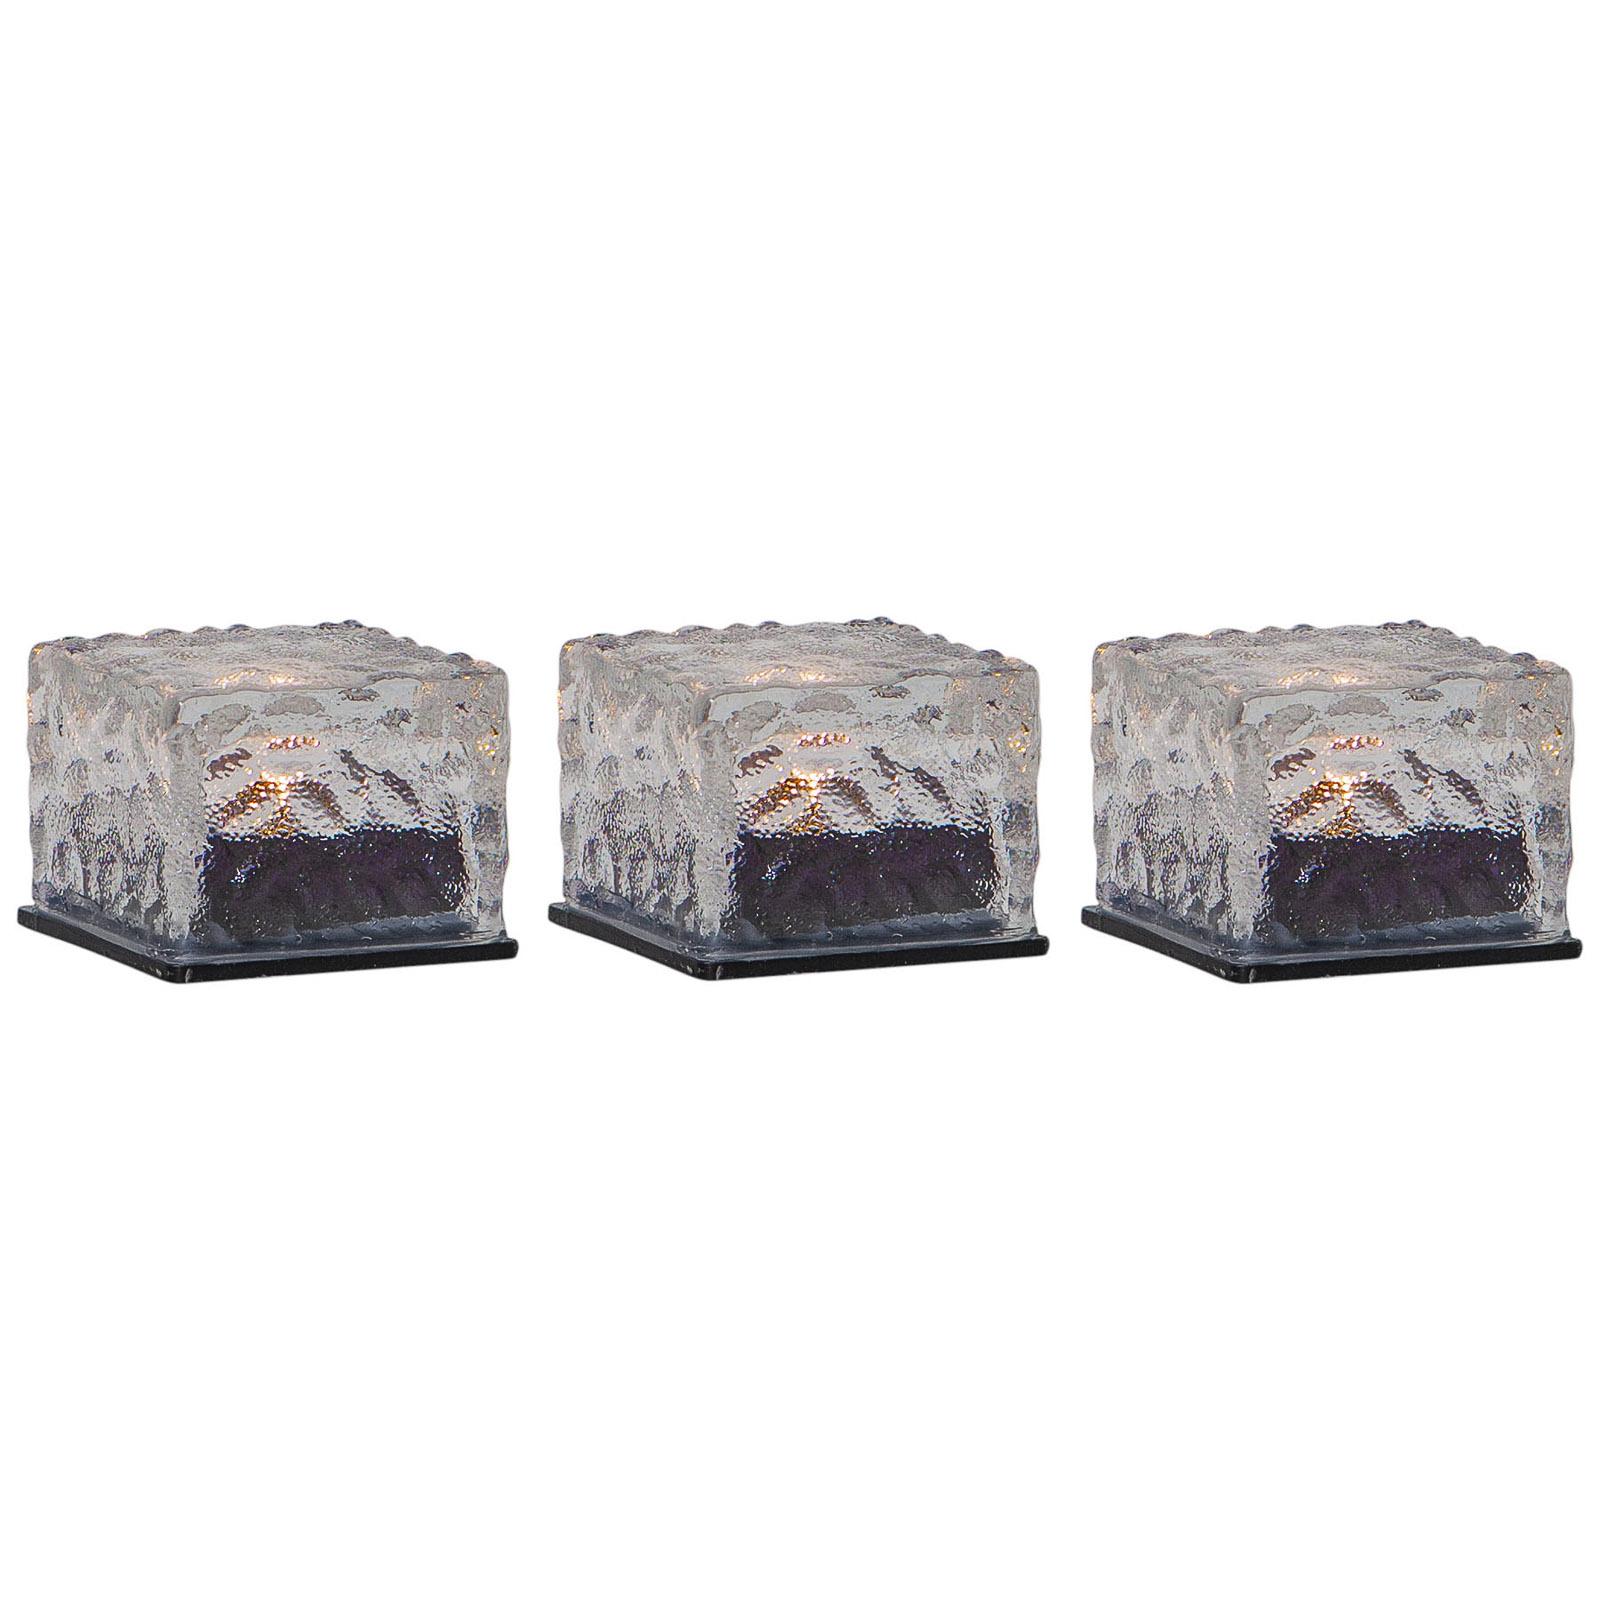 LED-solarkaars Icecube, 3 per set, ijsblokjesvorm